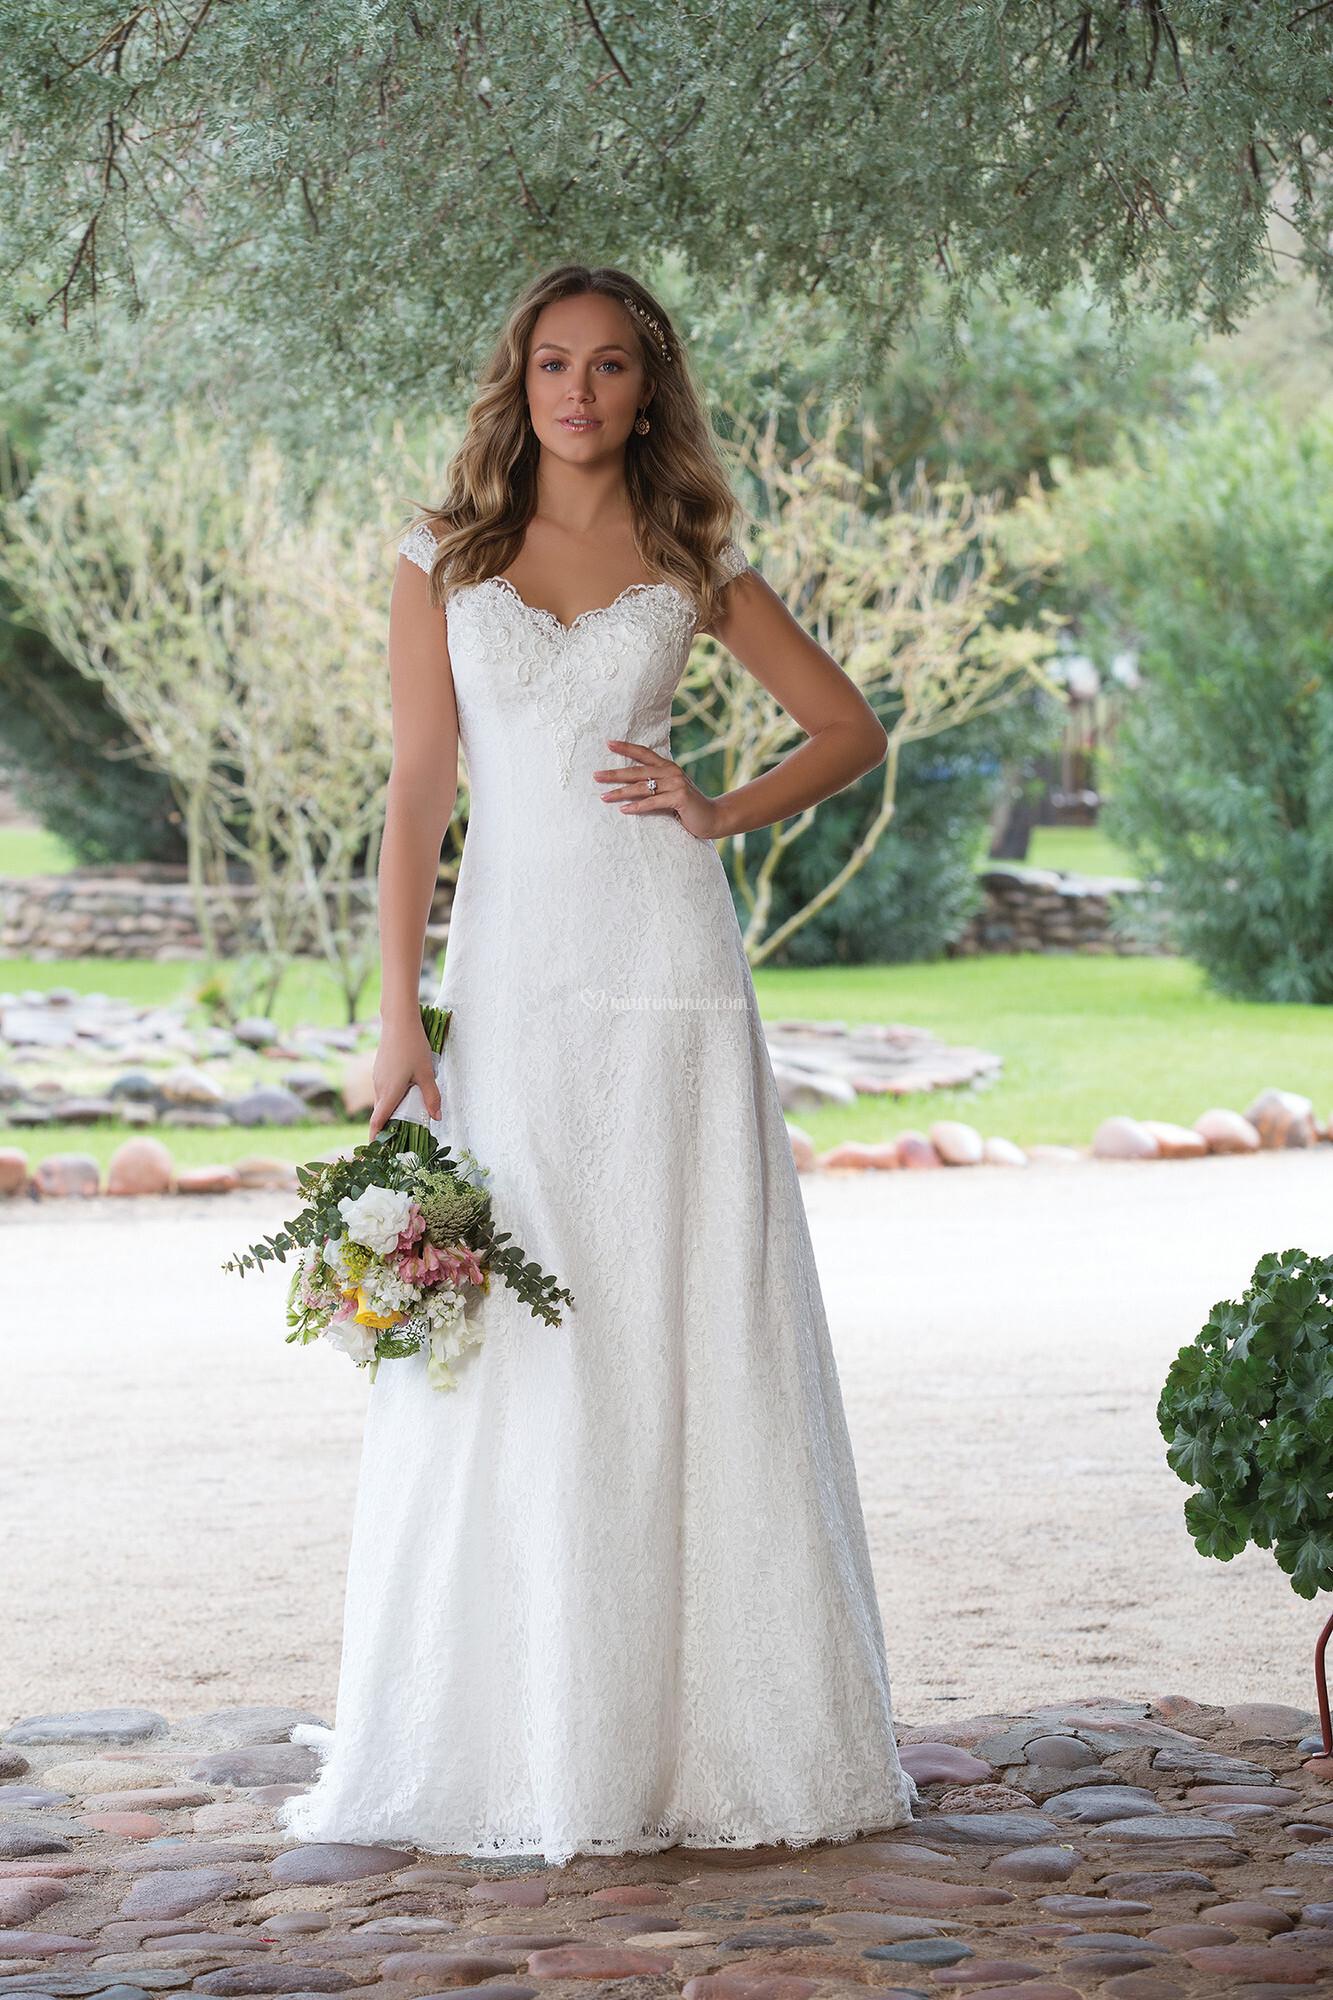 Abiti da Sposa di Sweetheart - 1127 - Matrimonio.com